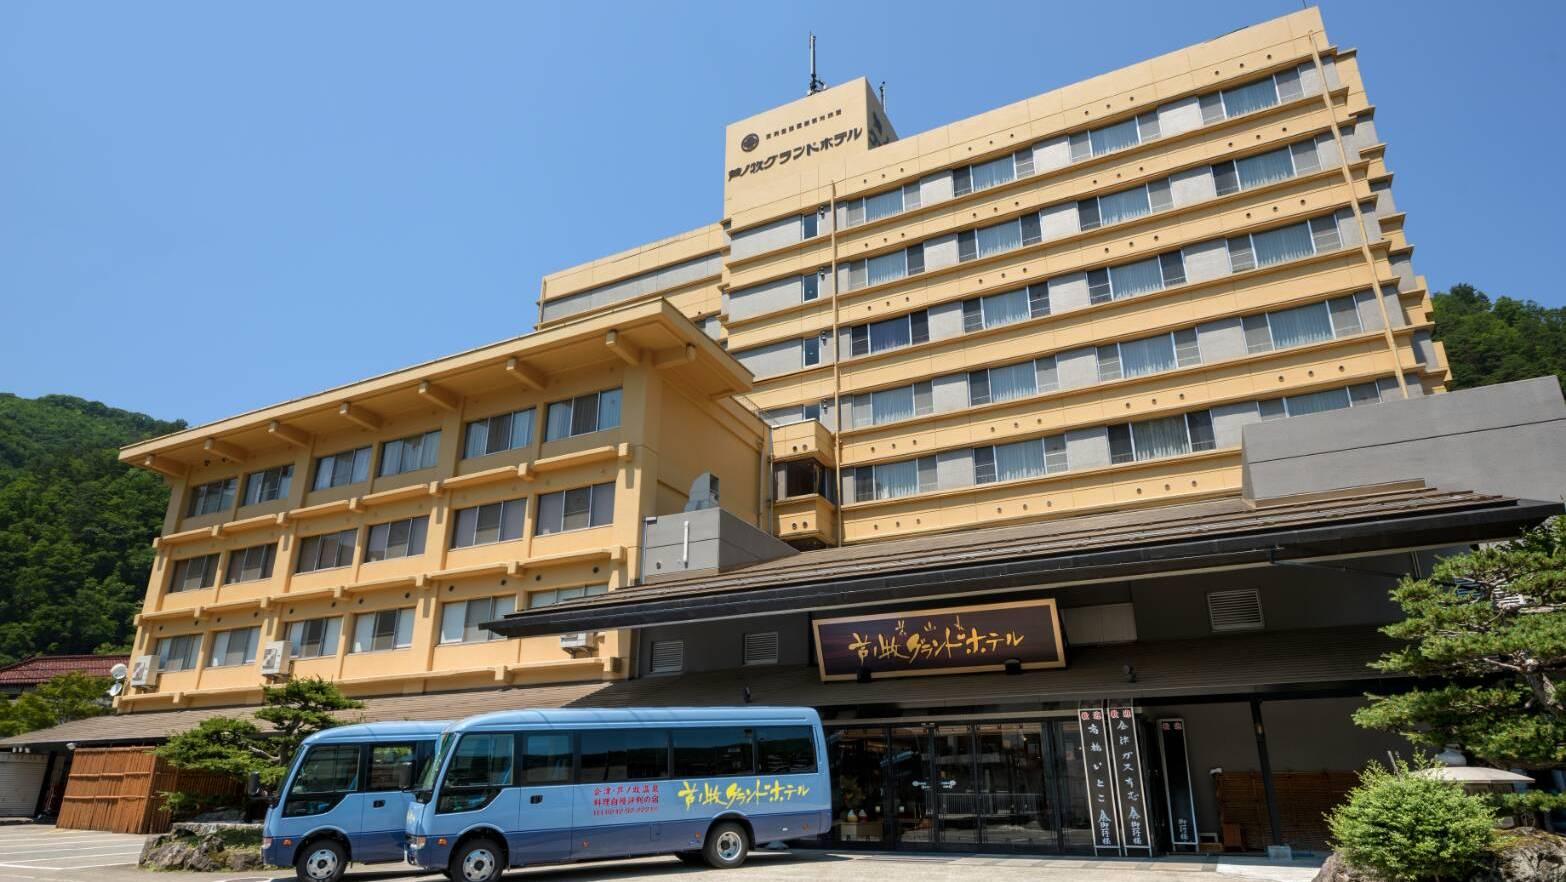 芦ノ牧 グランドホテル◆楽天トラベル